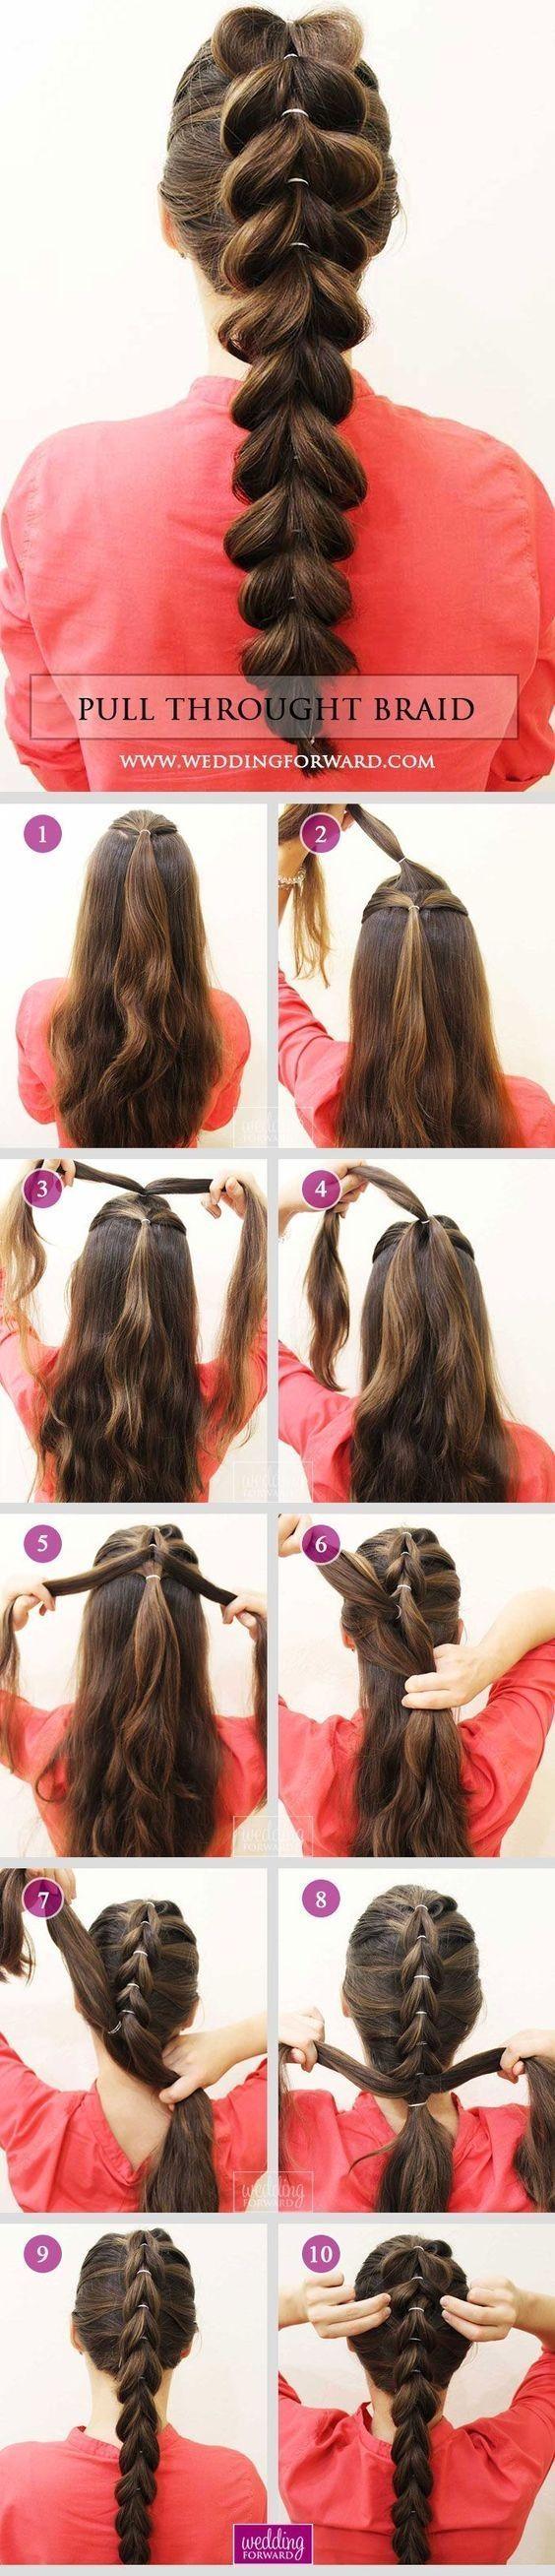 Frisur schnell und einfach langes Haar, 10 Modellfrisuren und Anweisungen, die